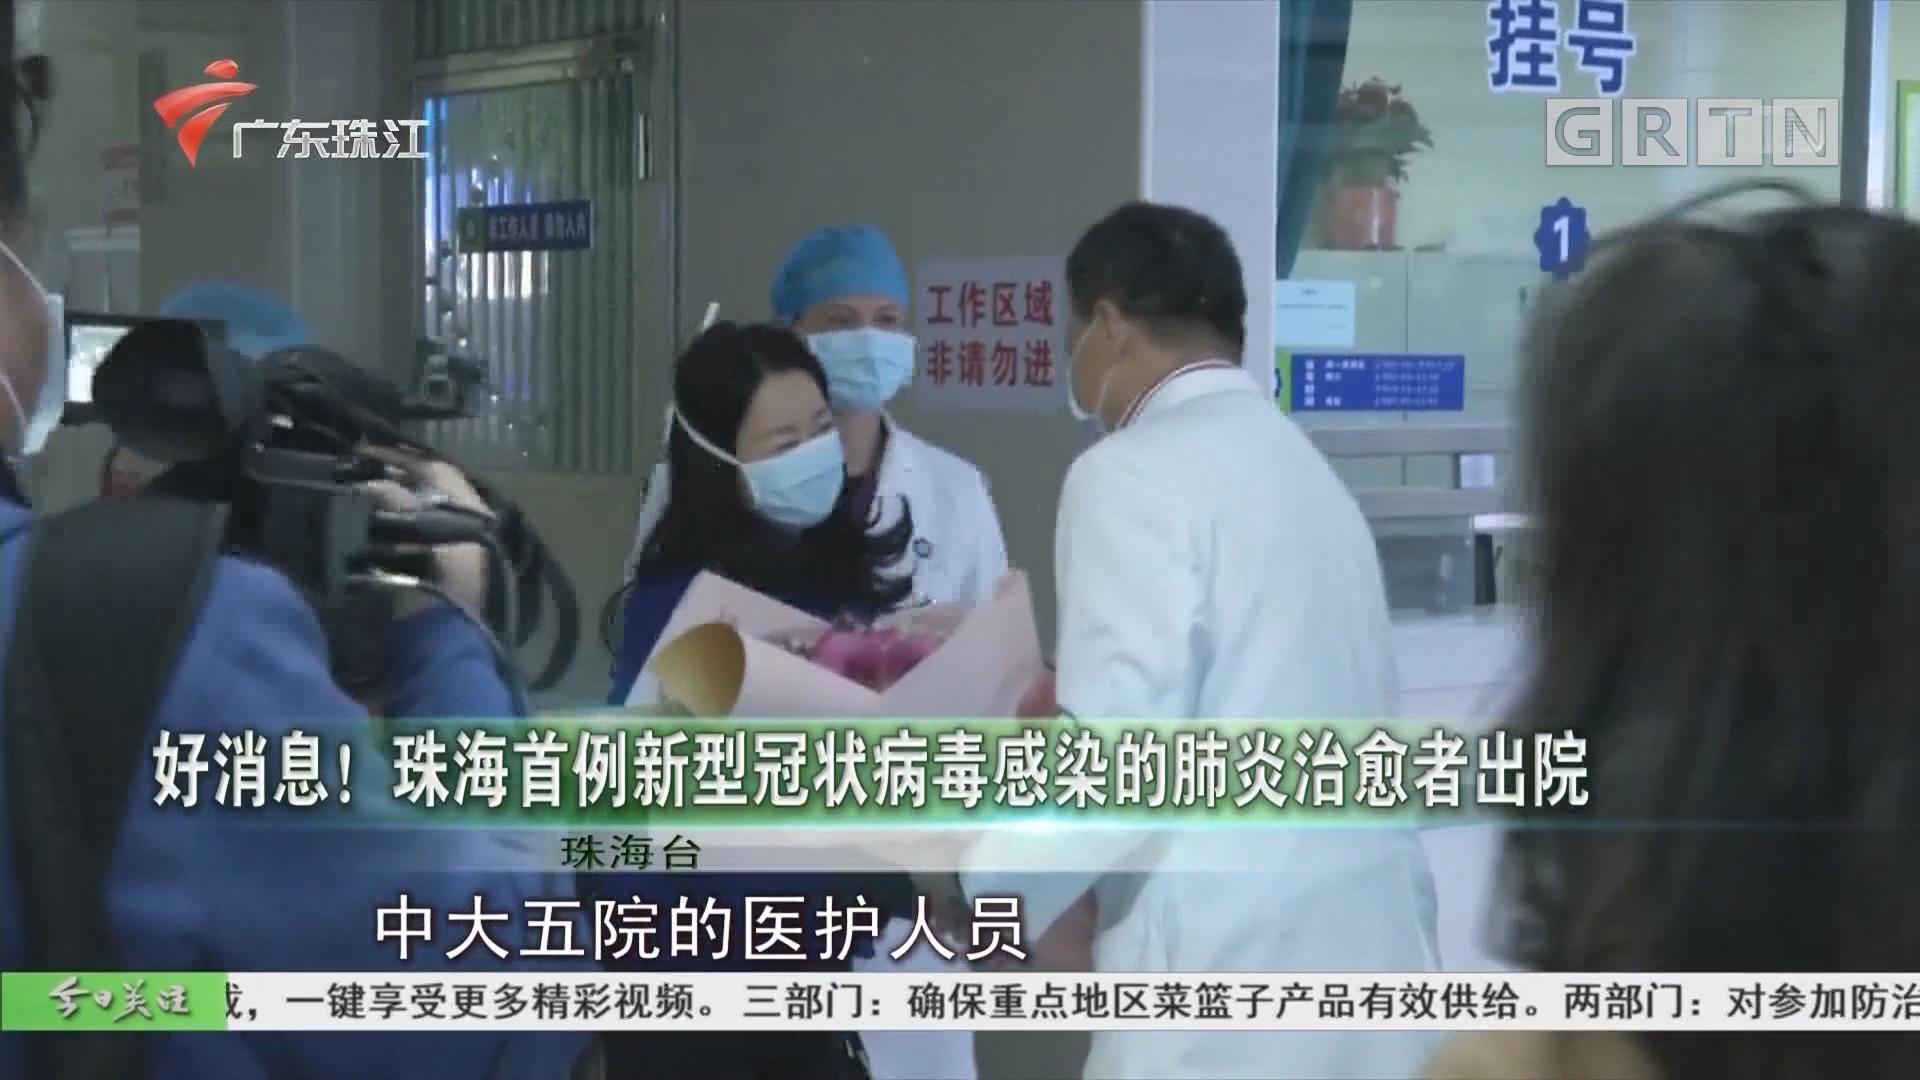 好消息!珠海首例新型冠状病毒感染的肺炎患者痊愈出院